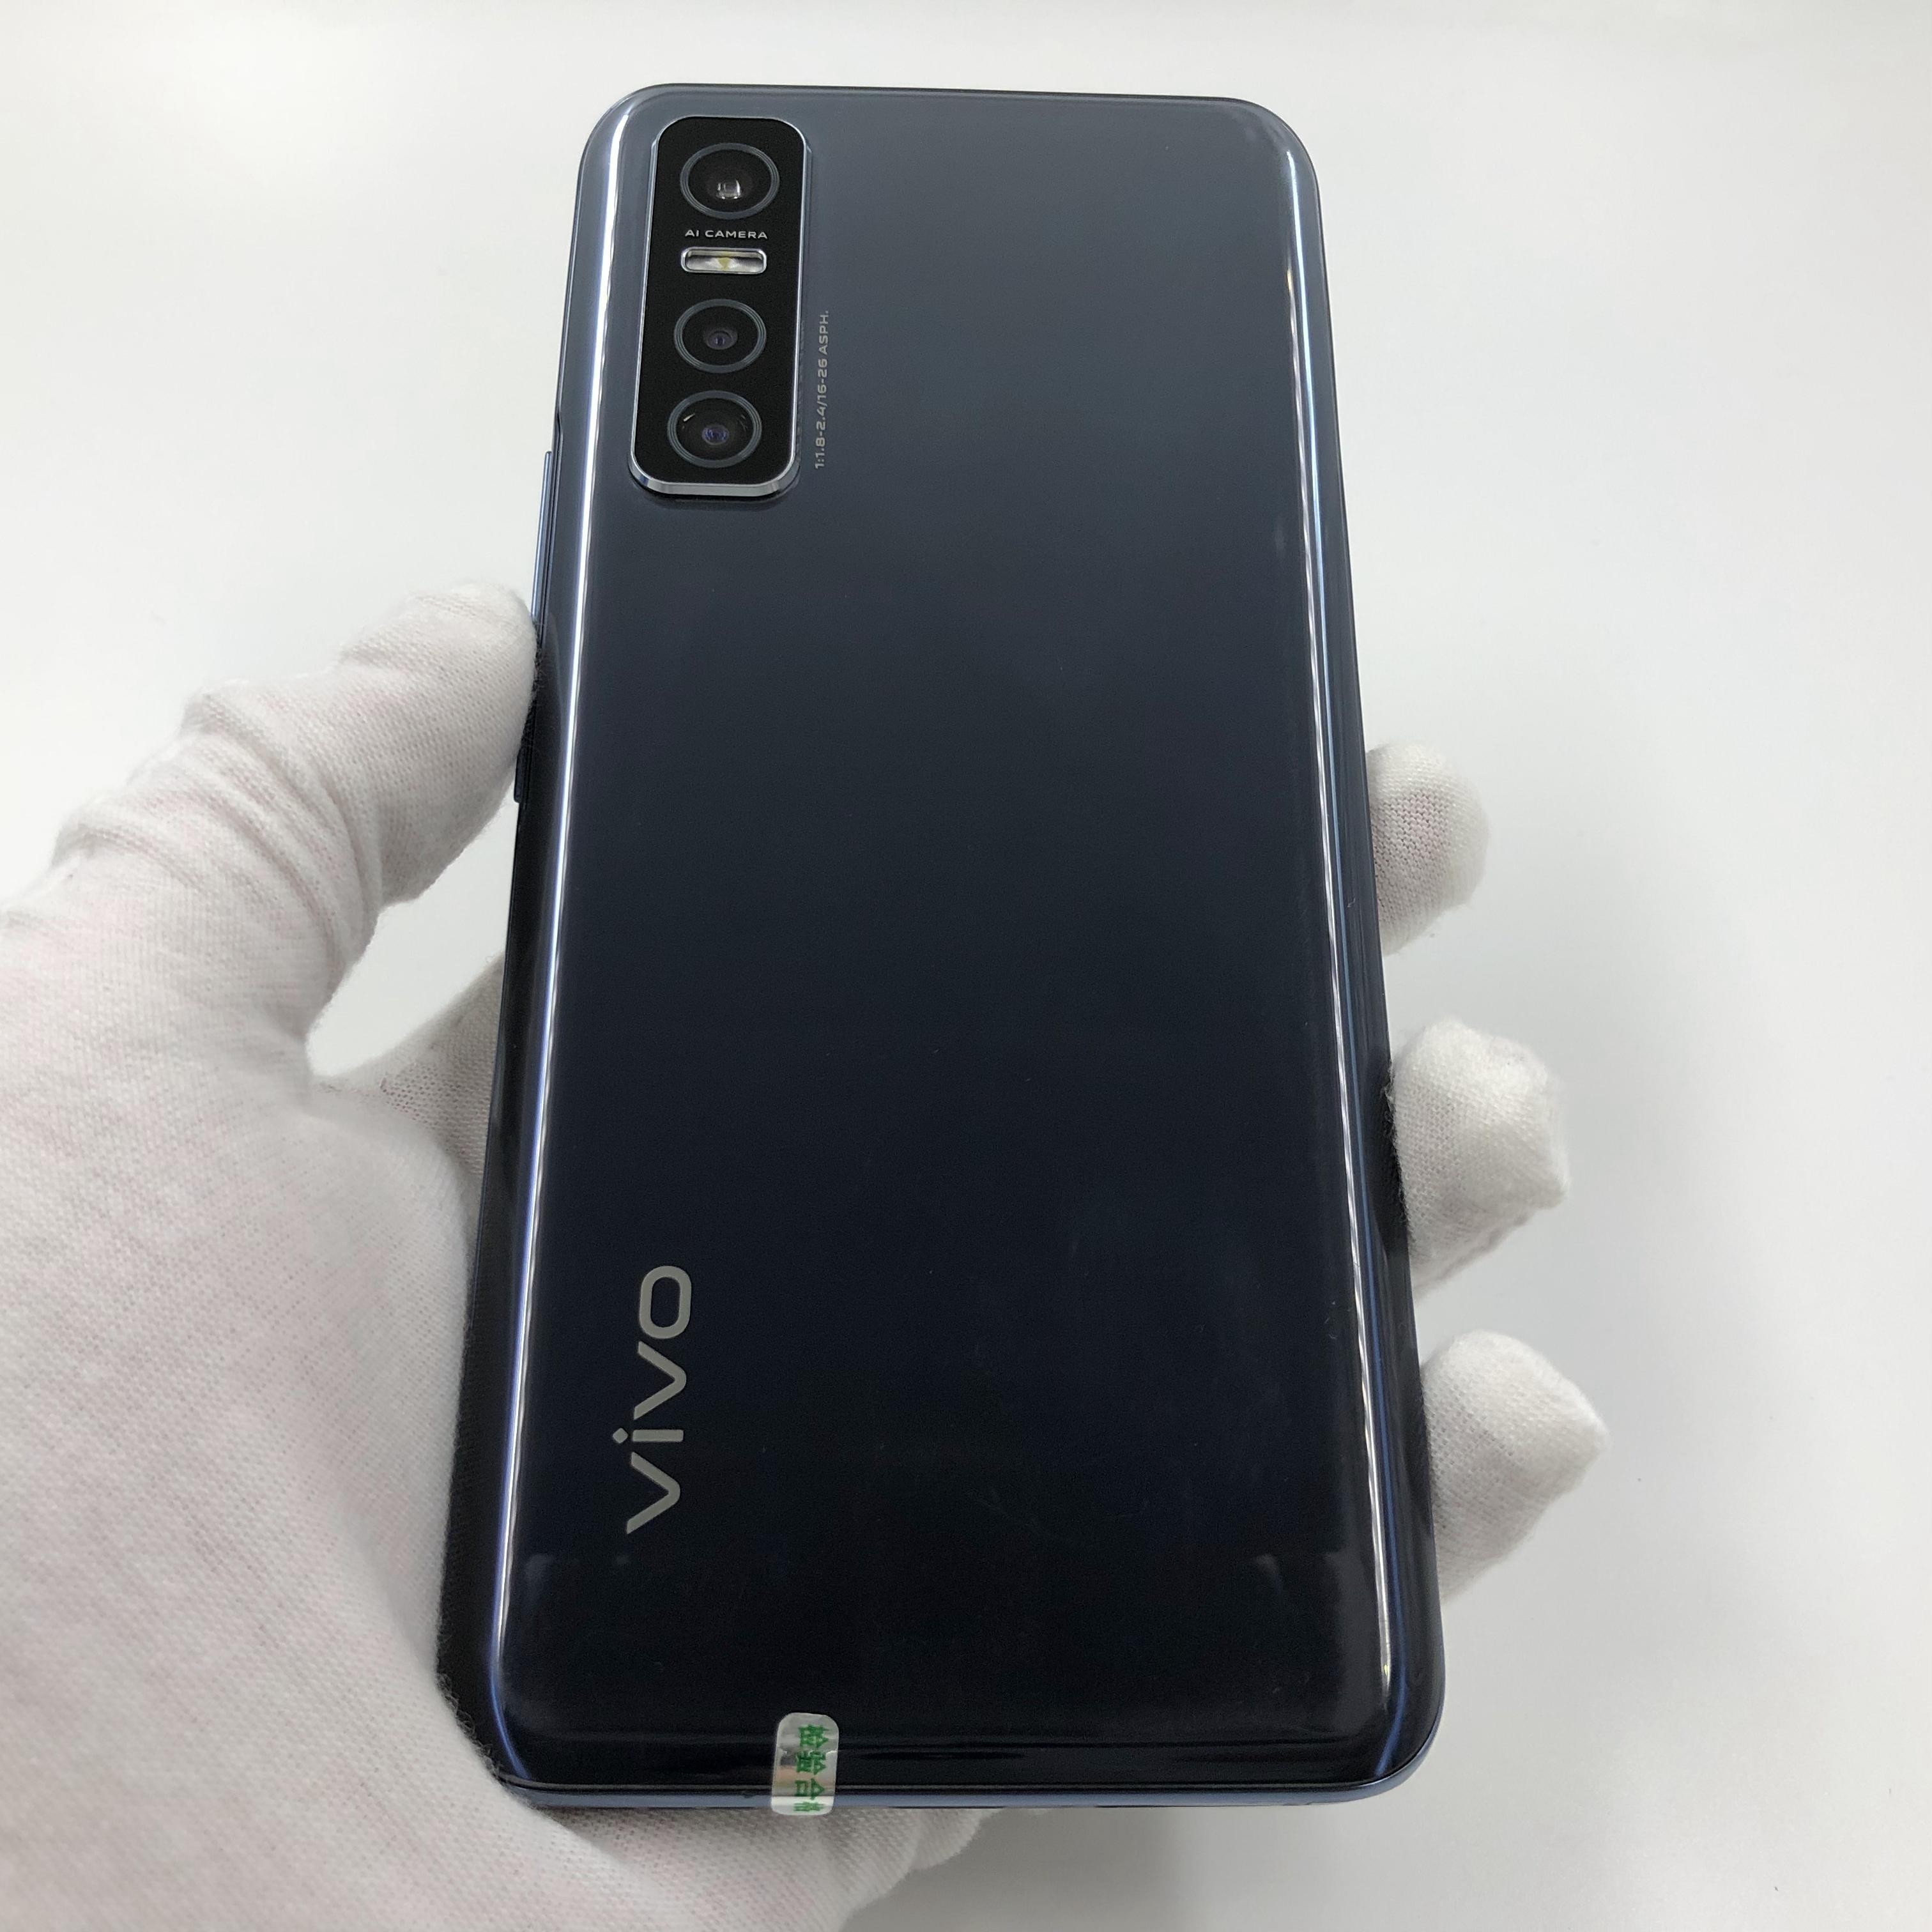 vivo【Y73s】5G全网通 黑镜 8G/128G 国行 8成新 真机实拍原包装盒+配件